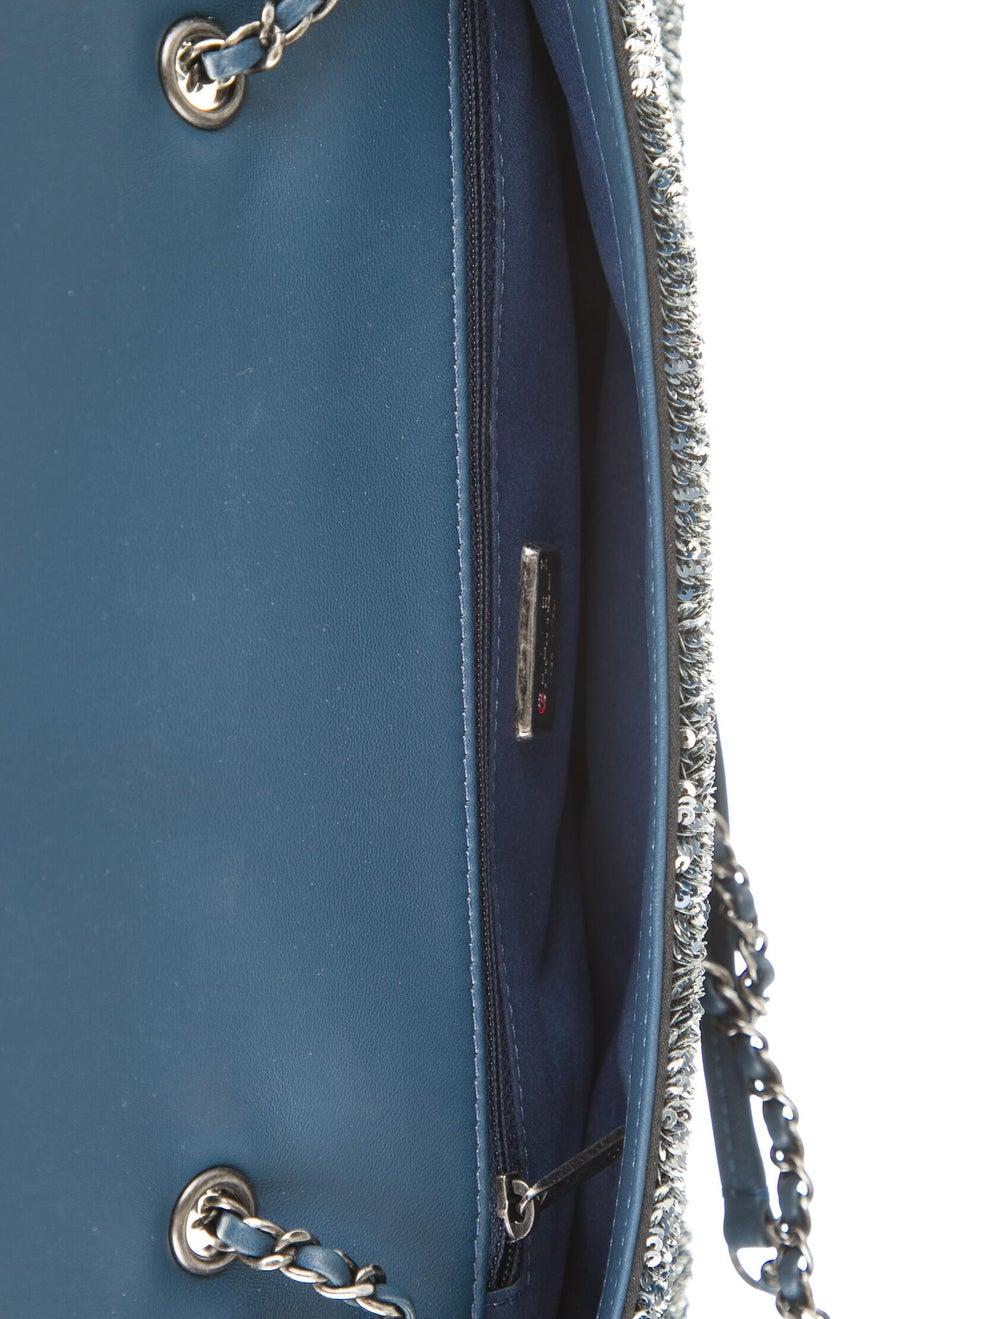 Chanel CocoCuba Sequin Flap Bag Blue - image 5